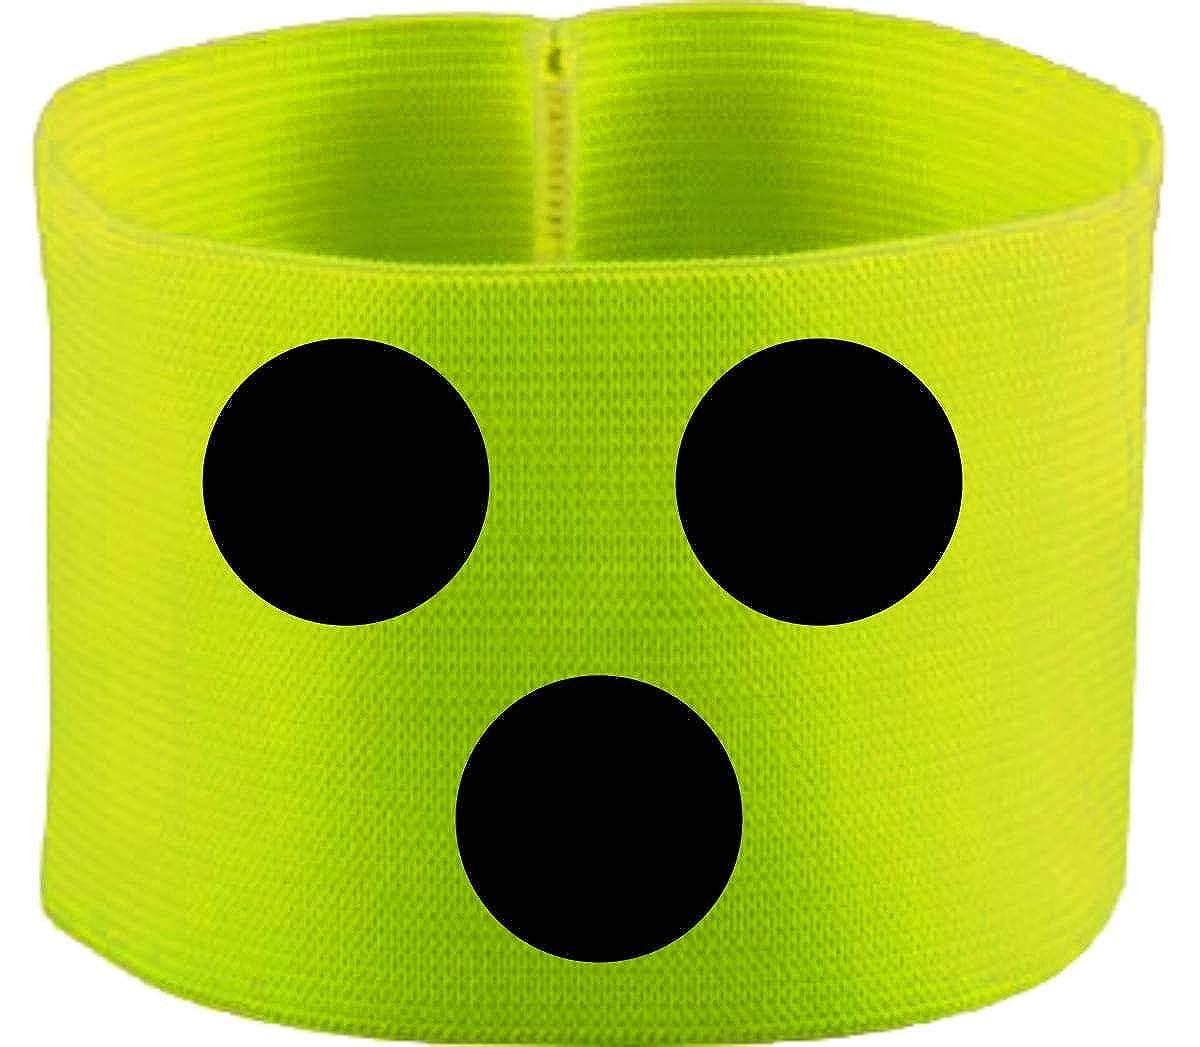 gummieelastische Armbinde/Mediaband bedruckt mit Blindenpunkten/Armbinde für Blinde